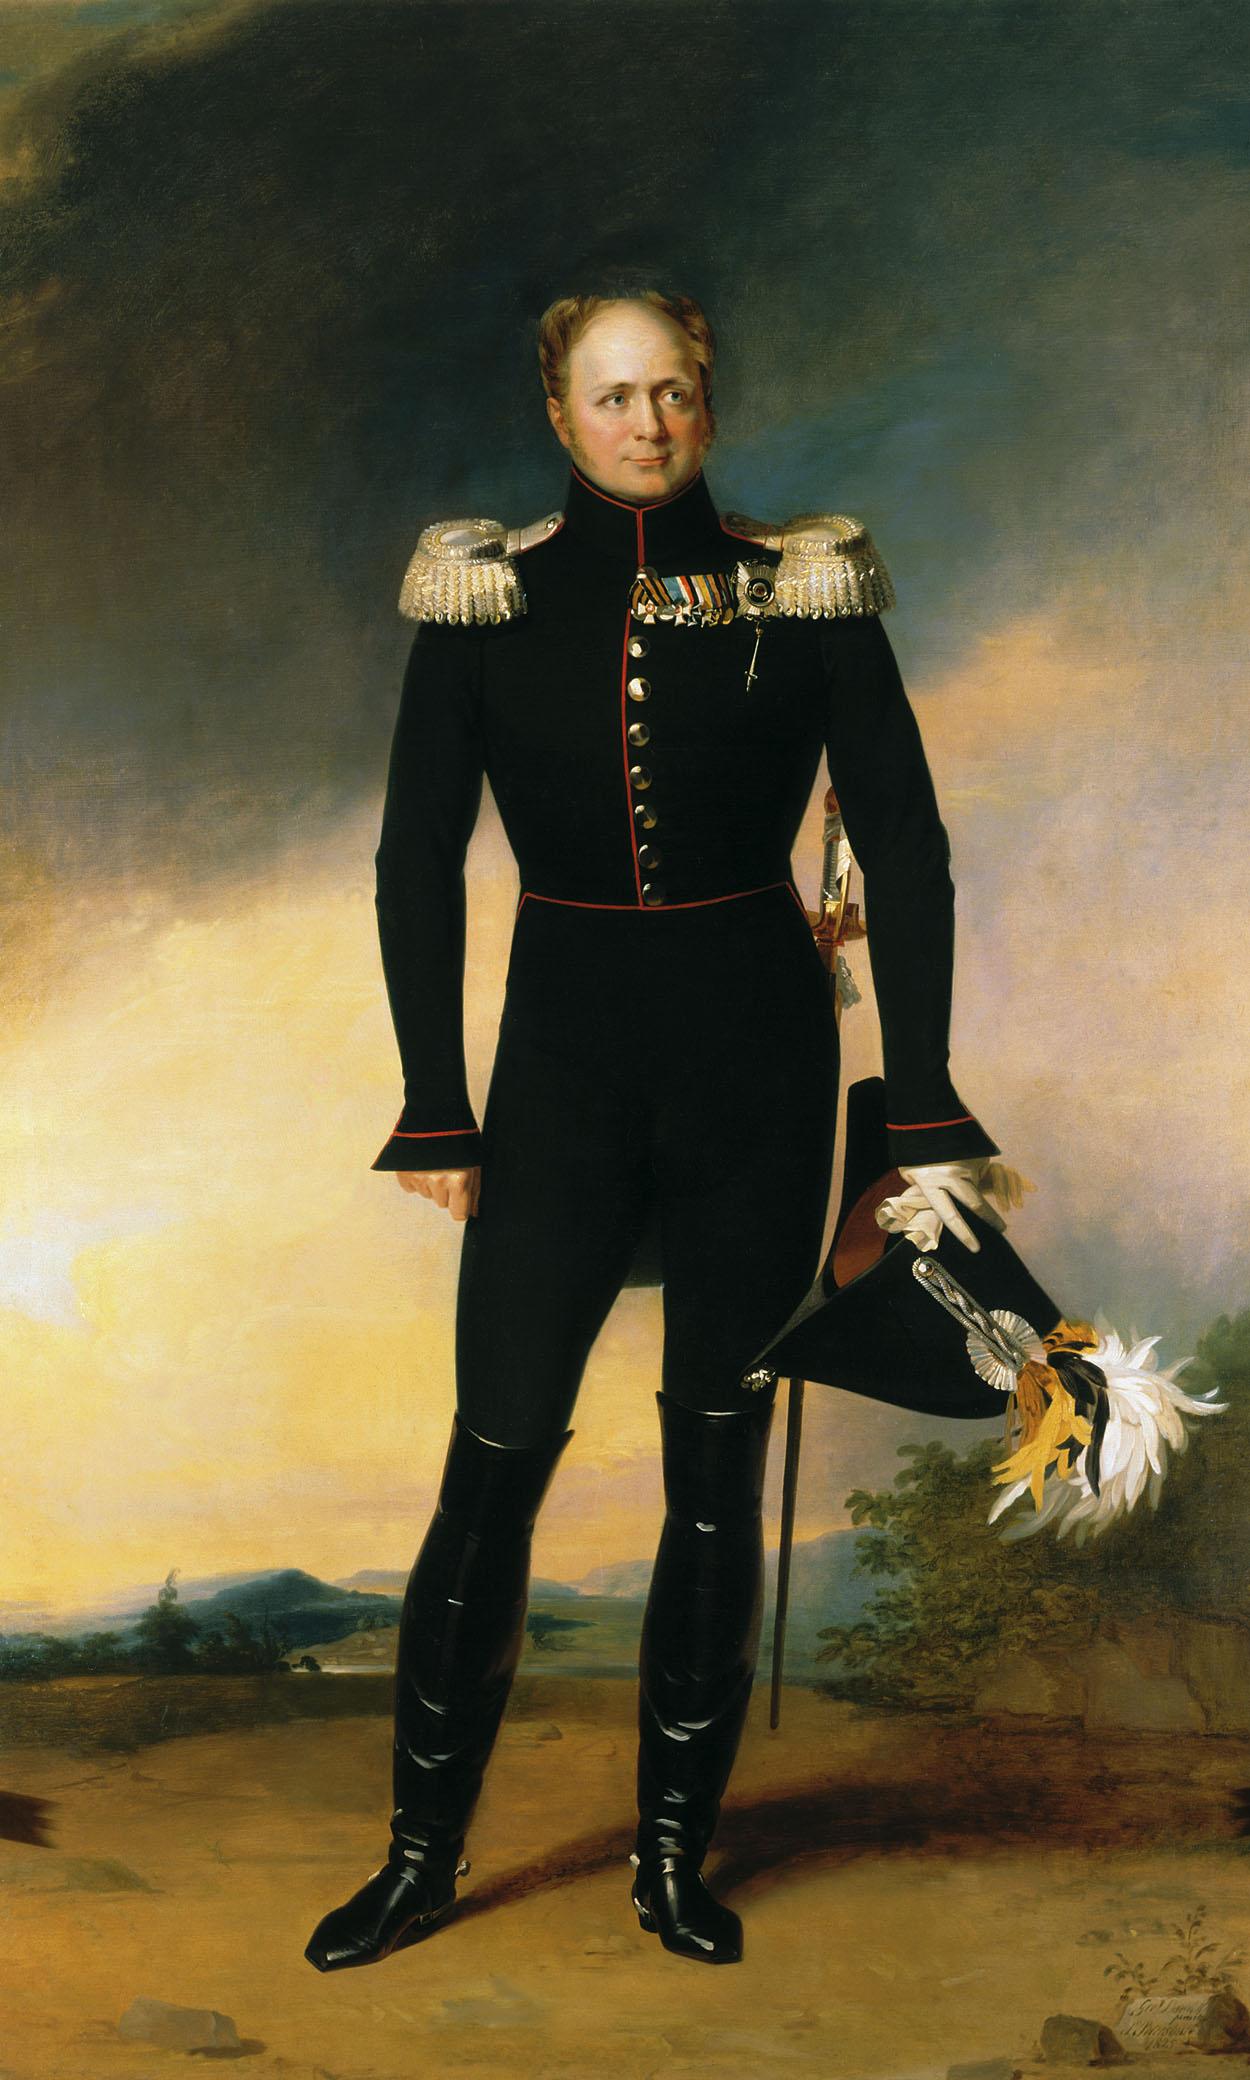 Александр I, Всероссийский император и самодержец